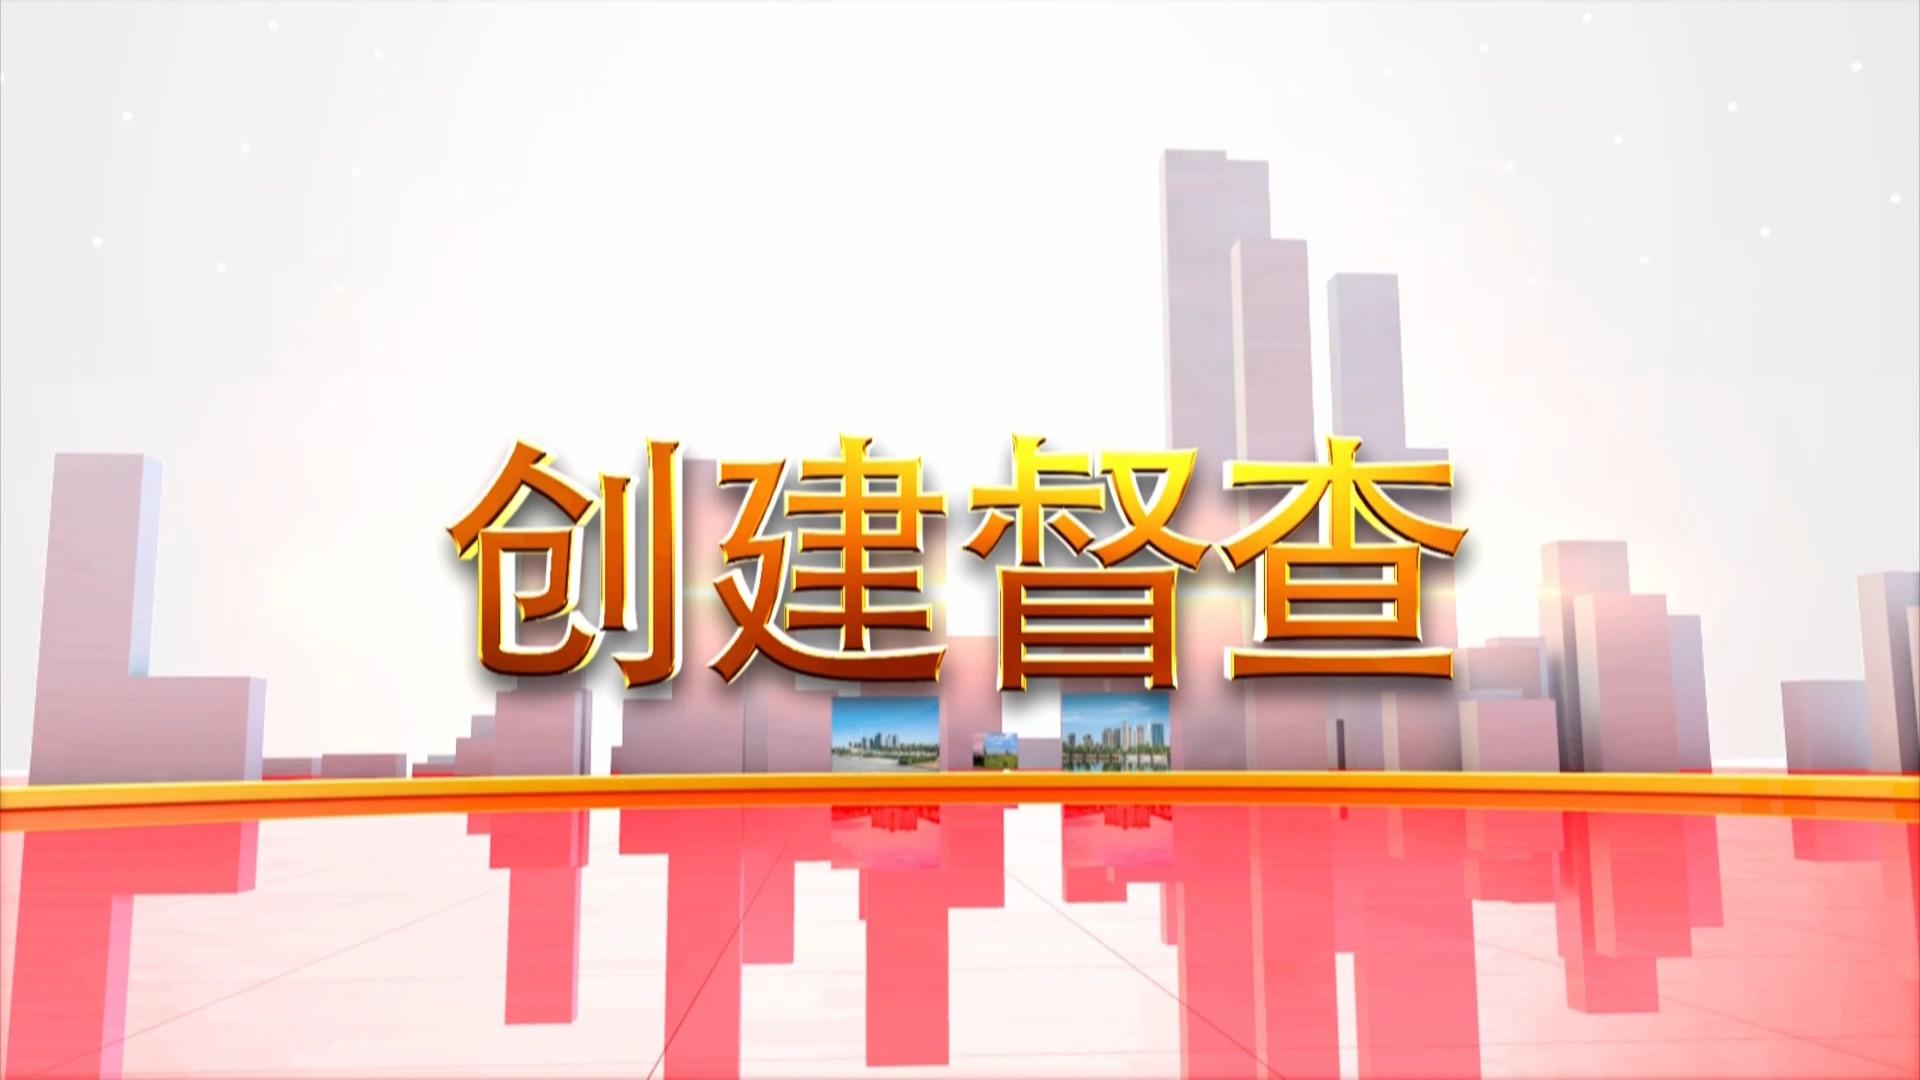 【创建督查】拧紧食品安全阀 保障市民安心过春节